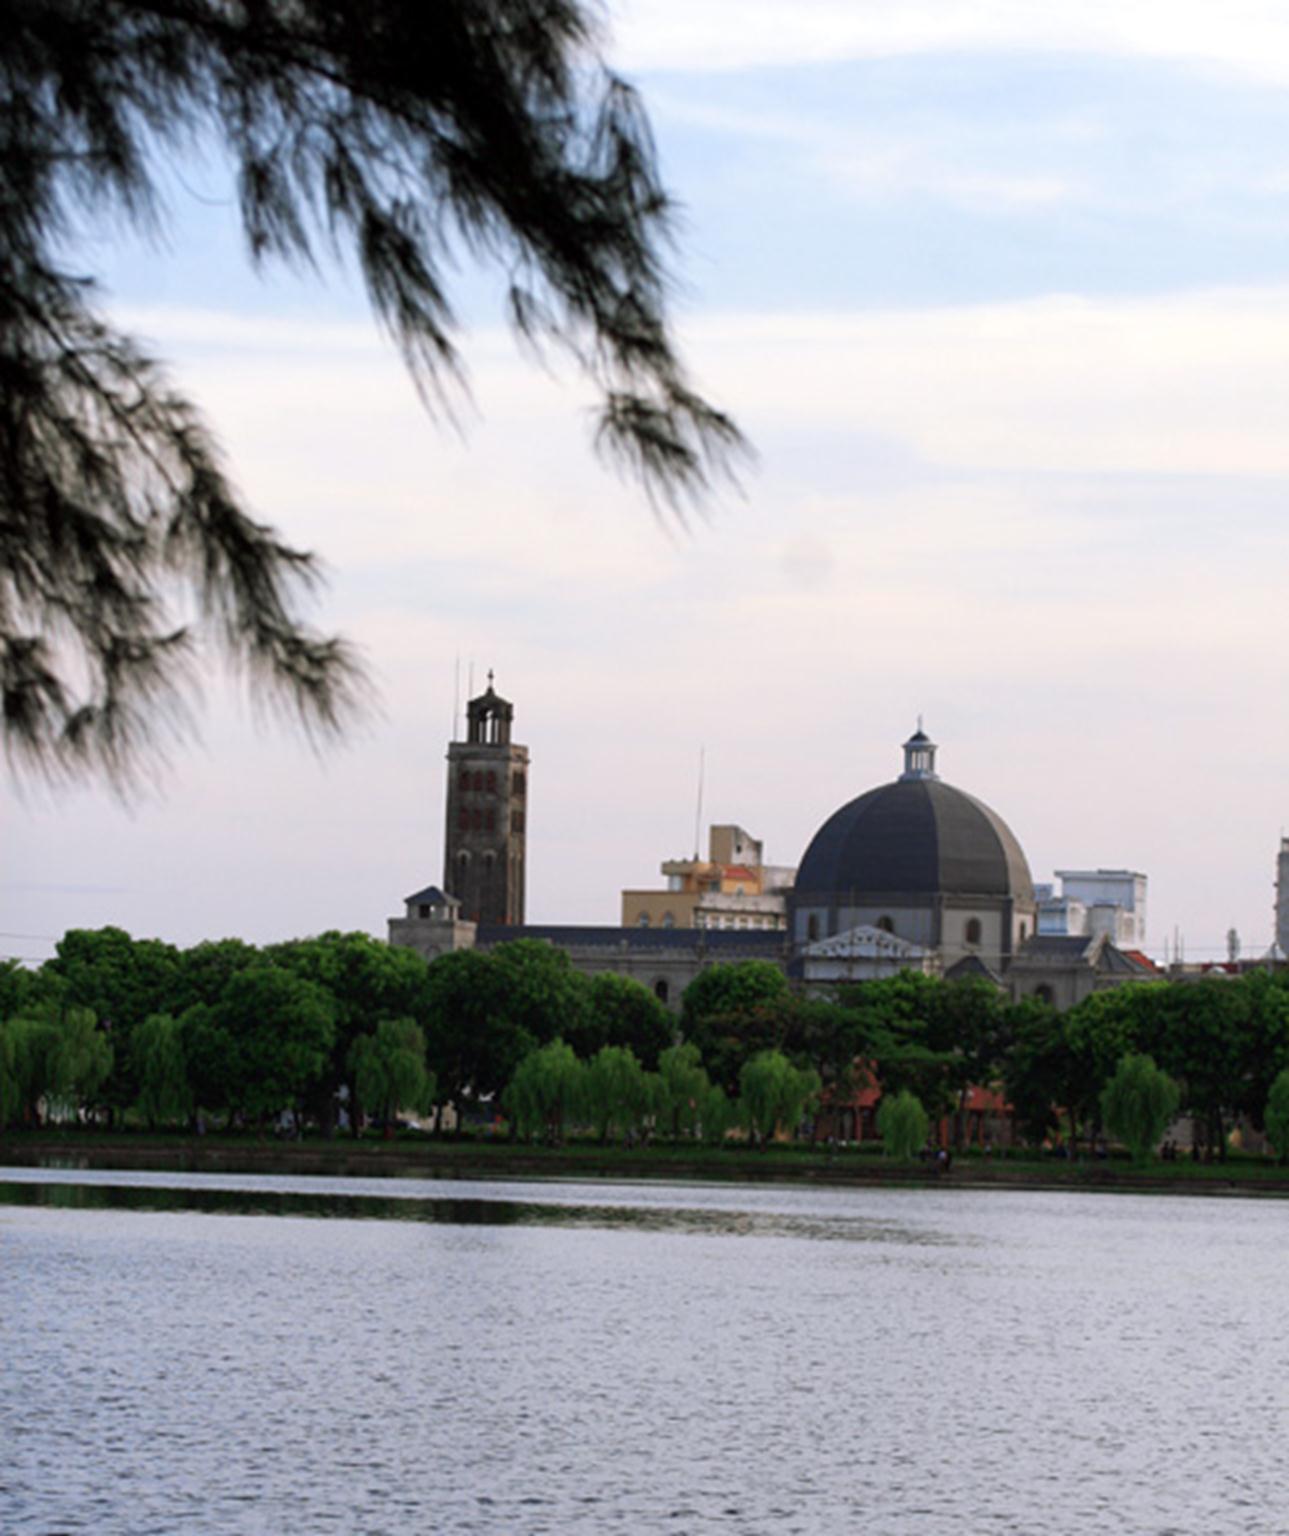 Nhà thờ trầm mặc và duyên dáng soi bóng bên bờ hồ Vị Xuyên êm đềm phẳng lặng. Hình ảnh này từ lâu đã đi sâu vào ký ức của biết bao thế hệ người Nam Định và trở thành một biểu tượng của Thành Nam.